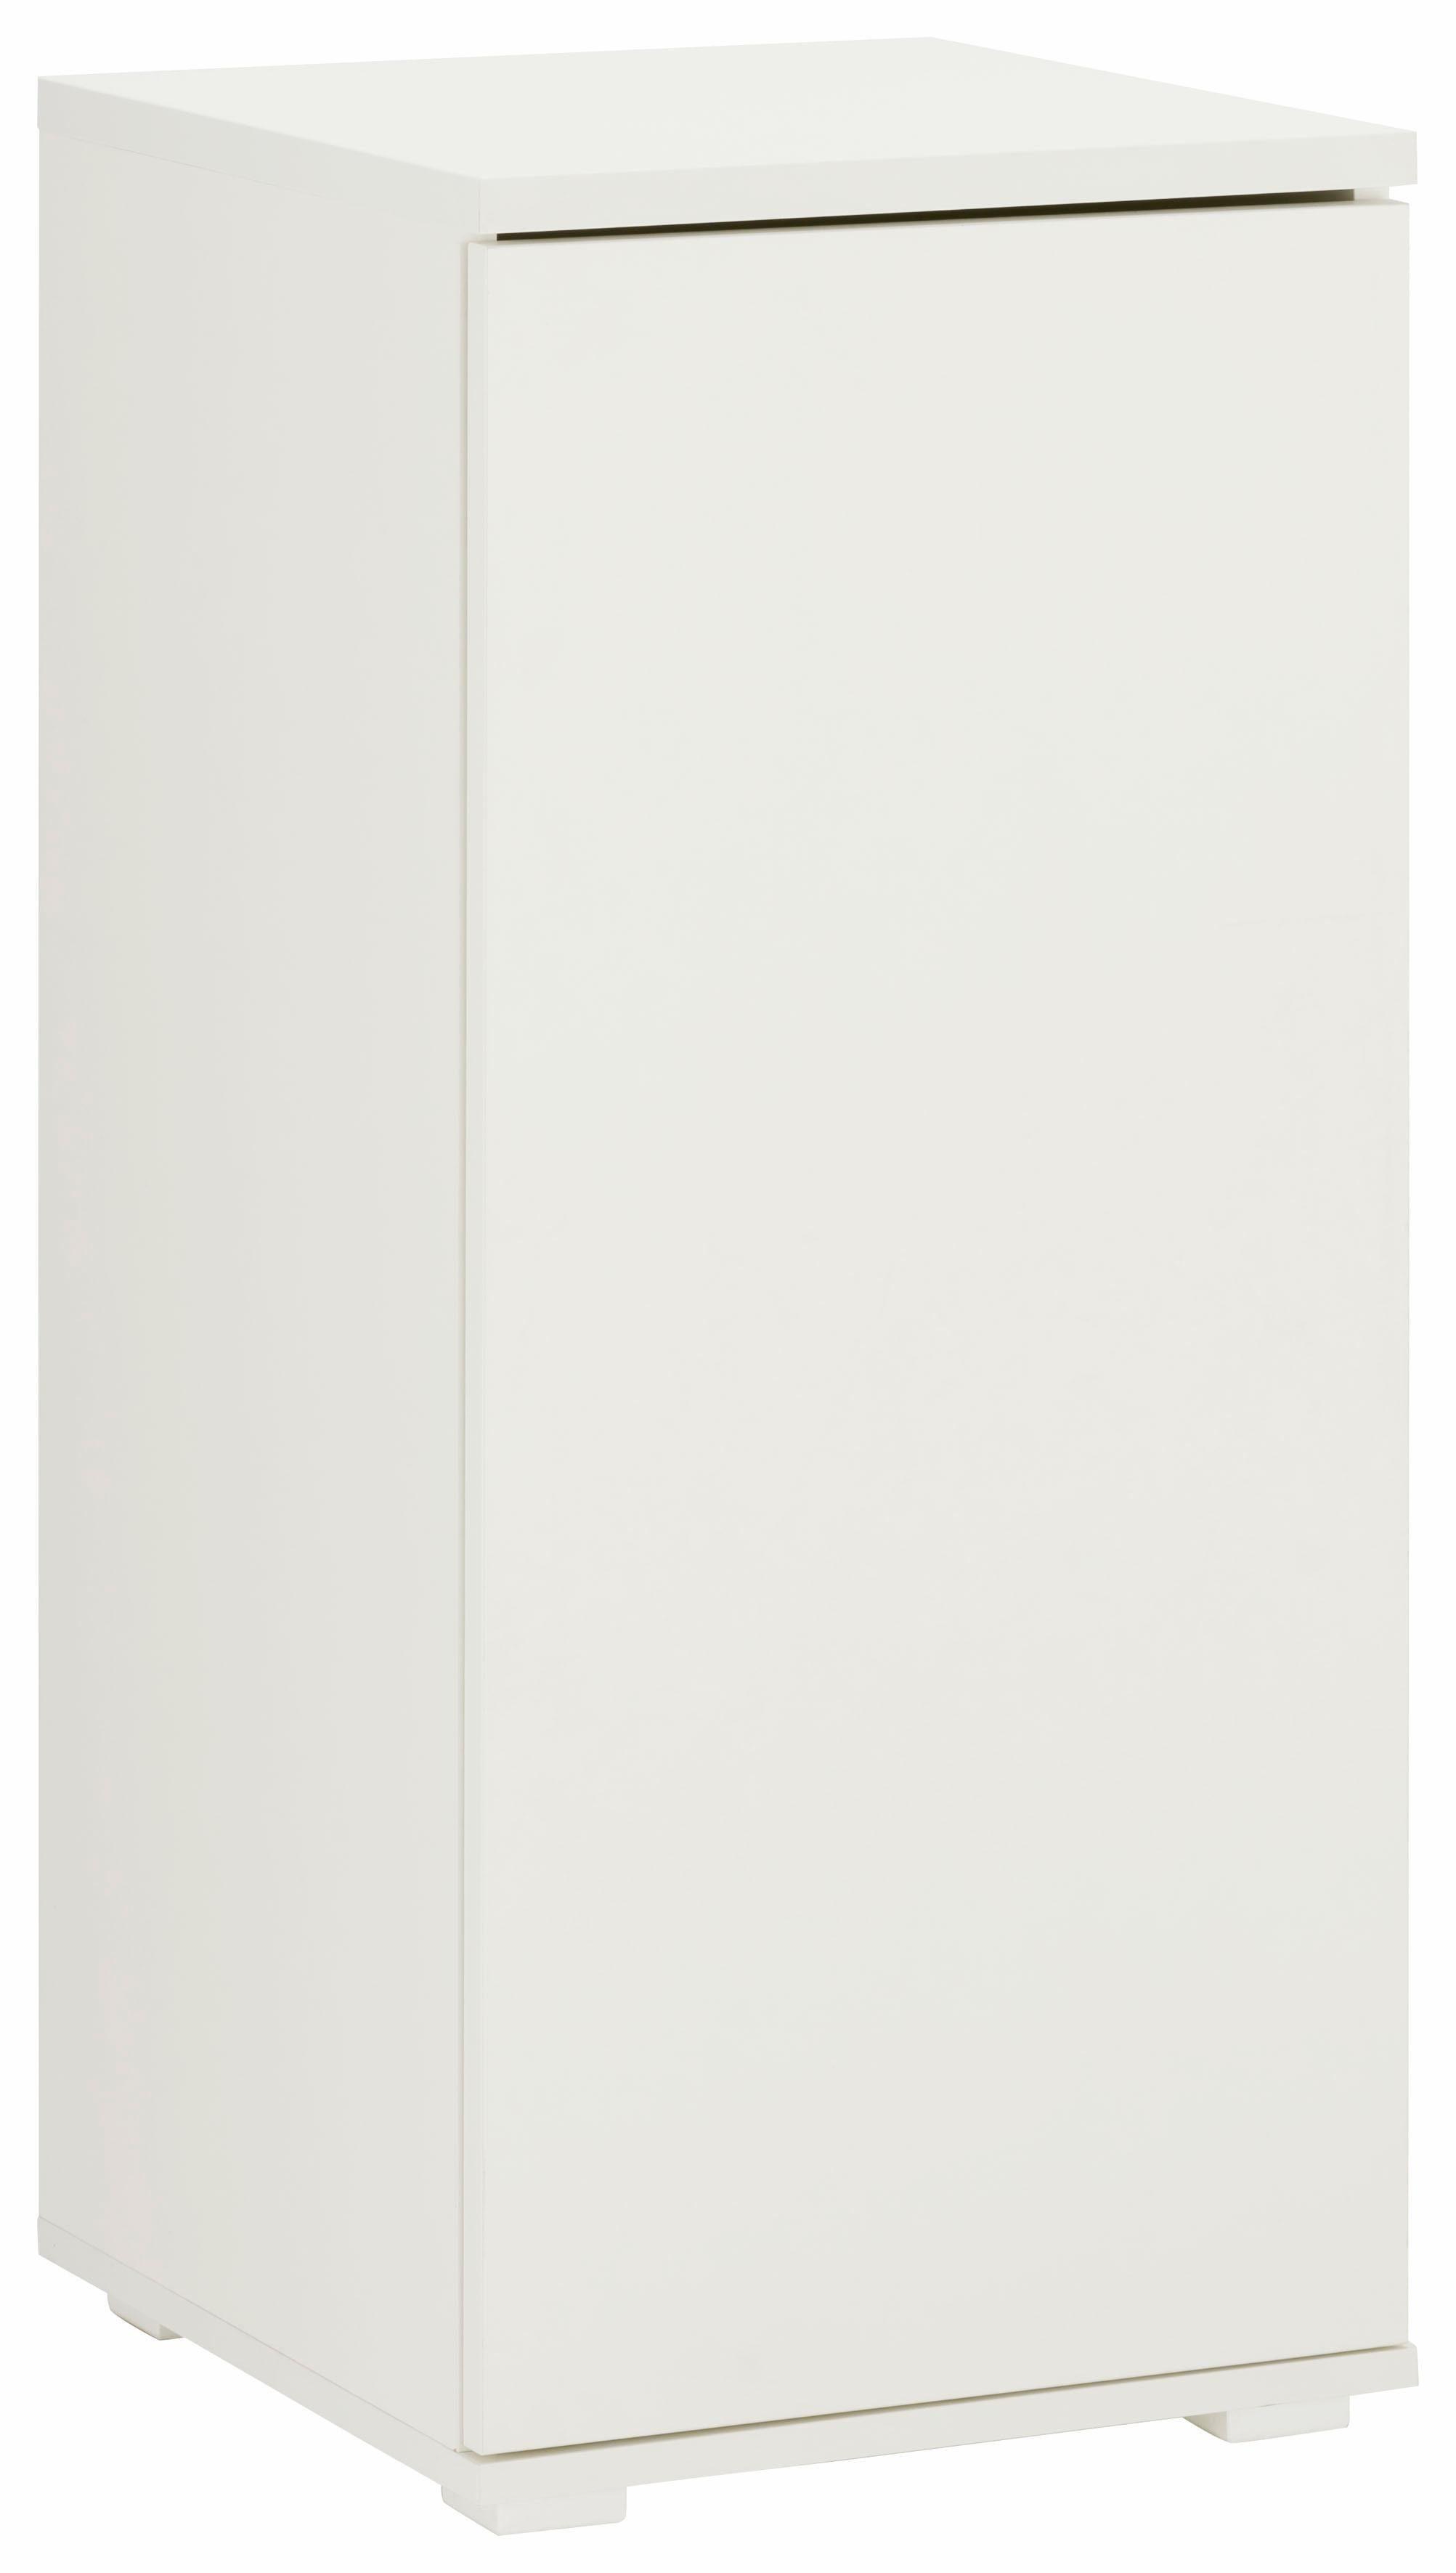 Kommode »Skini«, Höhe 92 cm